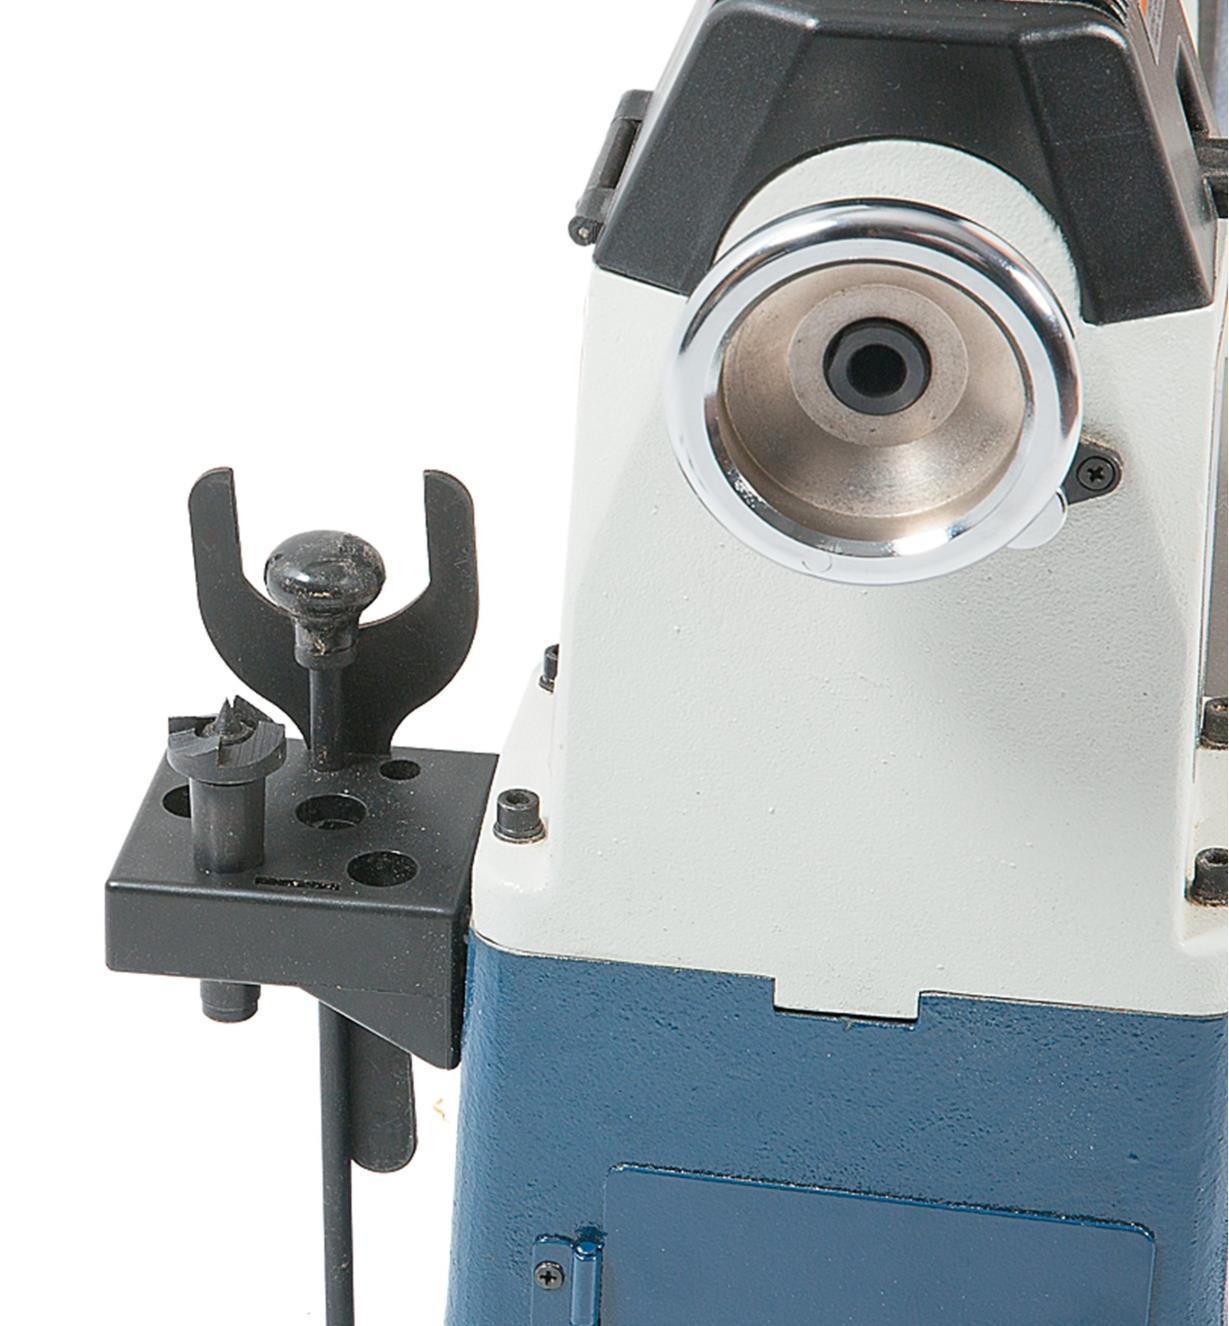 03J7320 - Rikon Midi Lathe (70 220VSR)